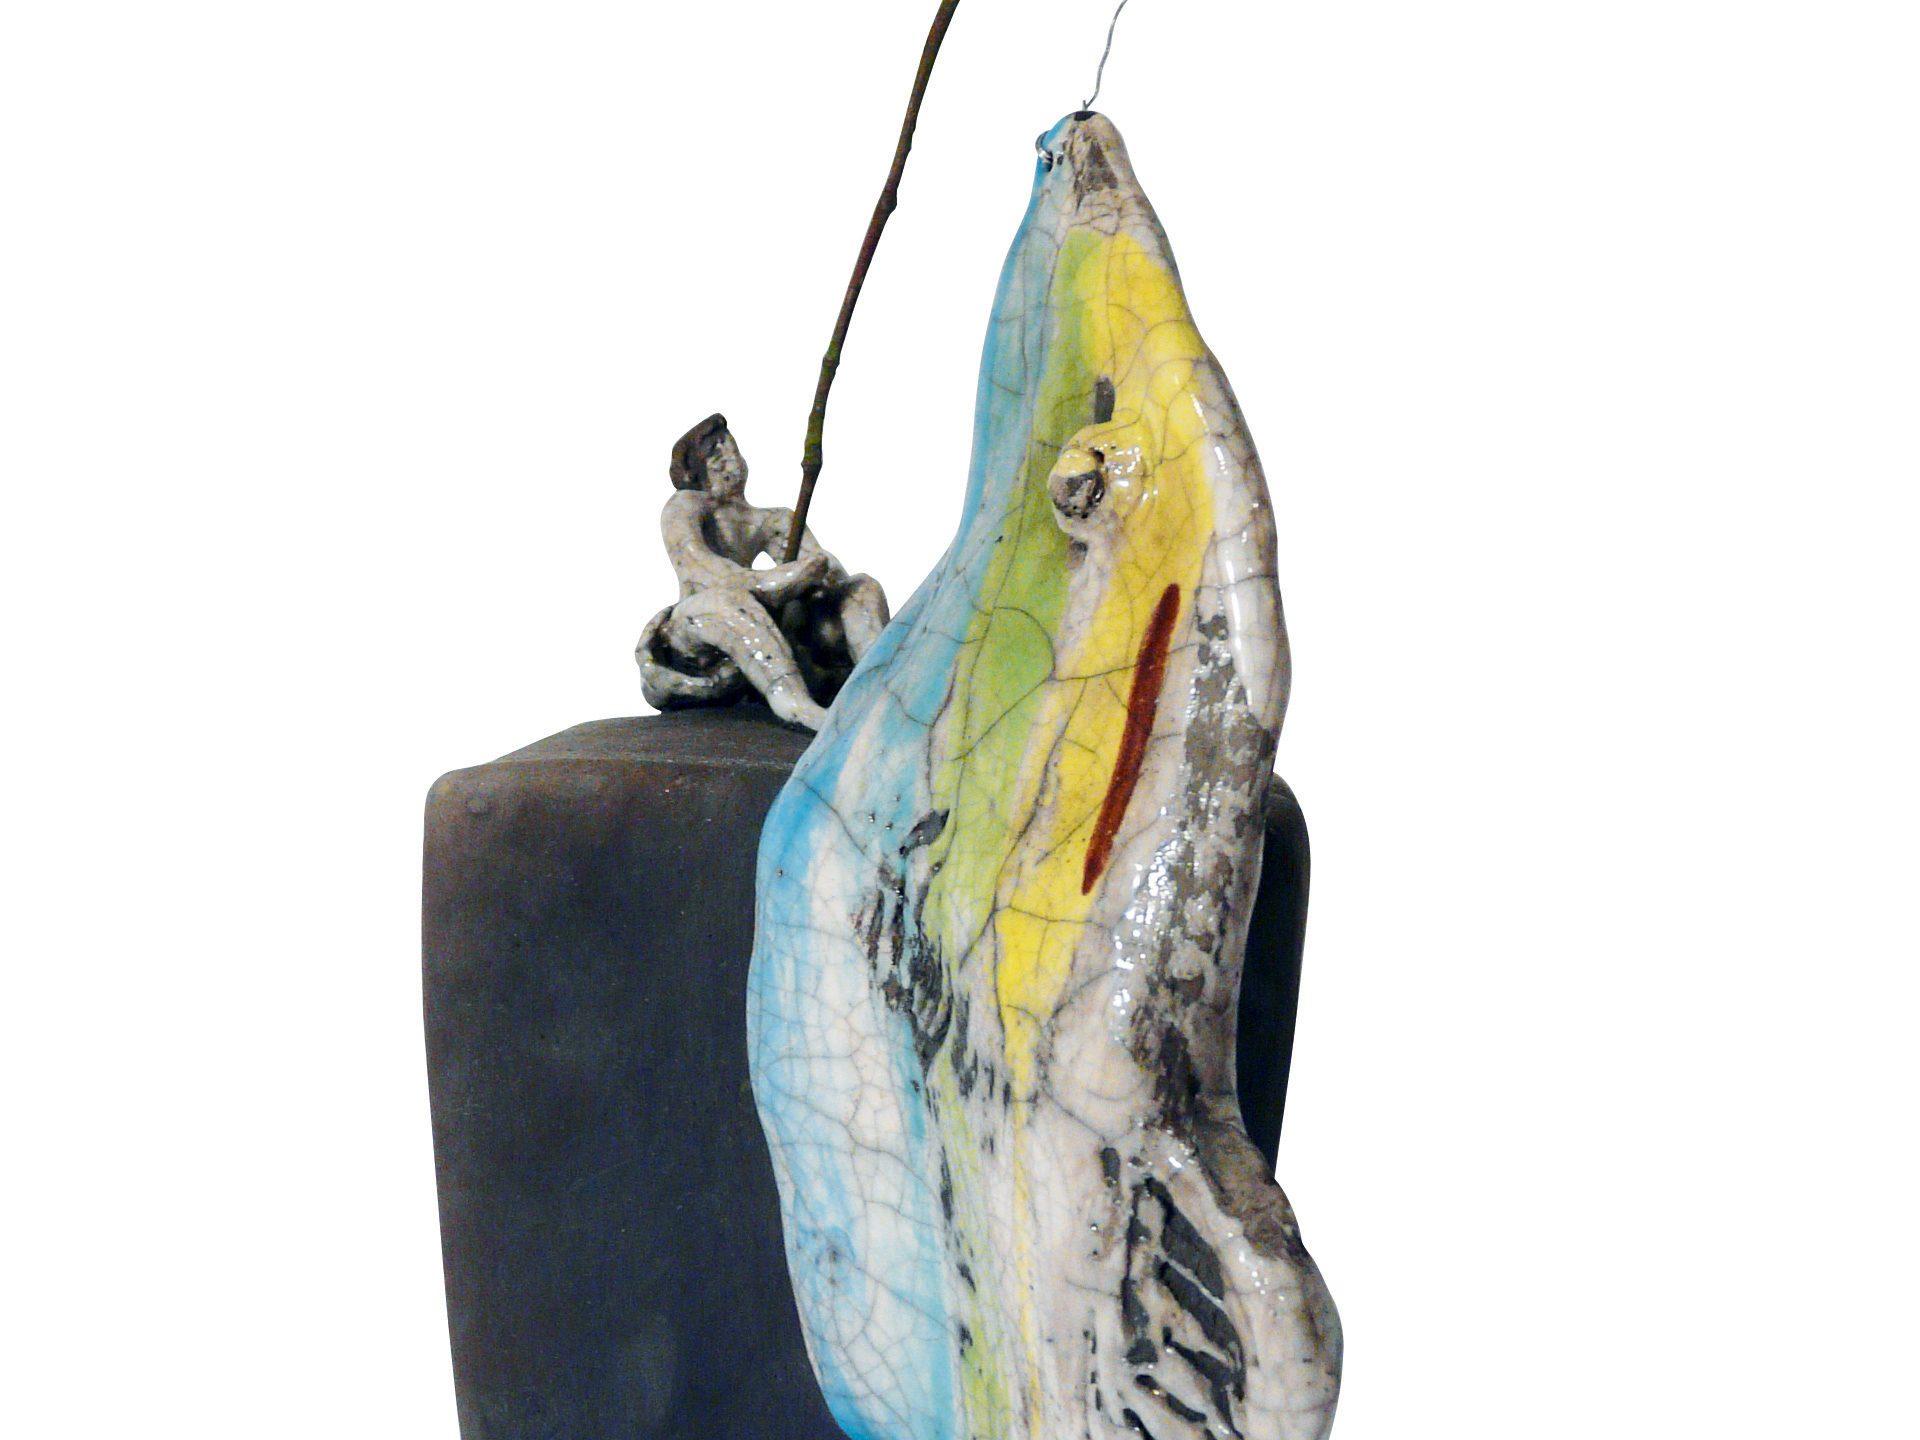 Bonne prise - Grès - Raku - Sculptures céramique de Florence Lemiegre